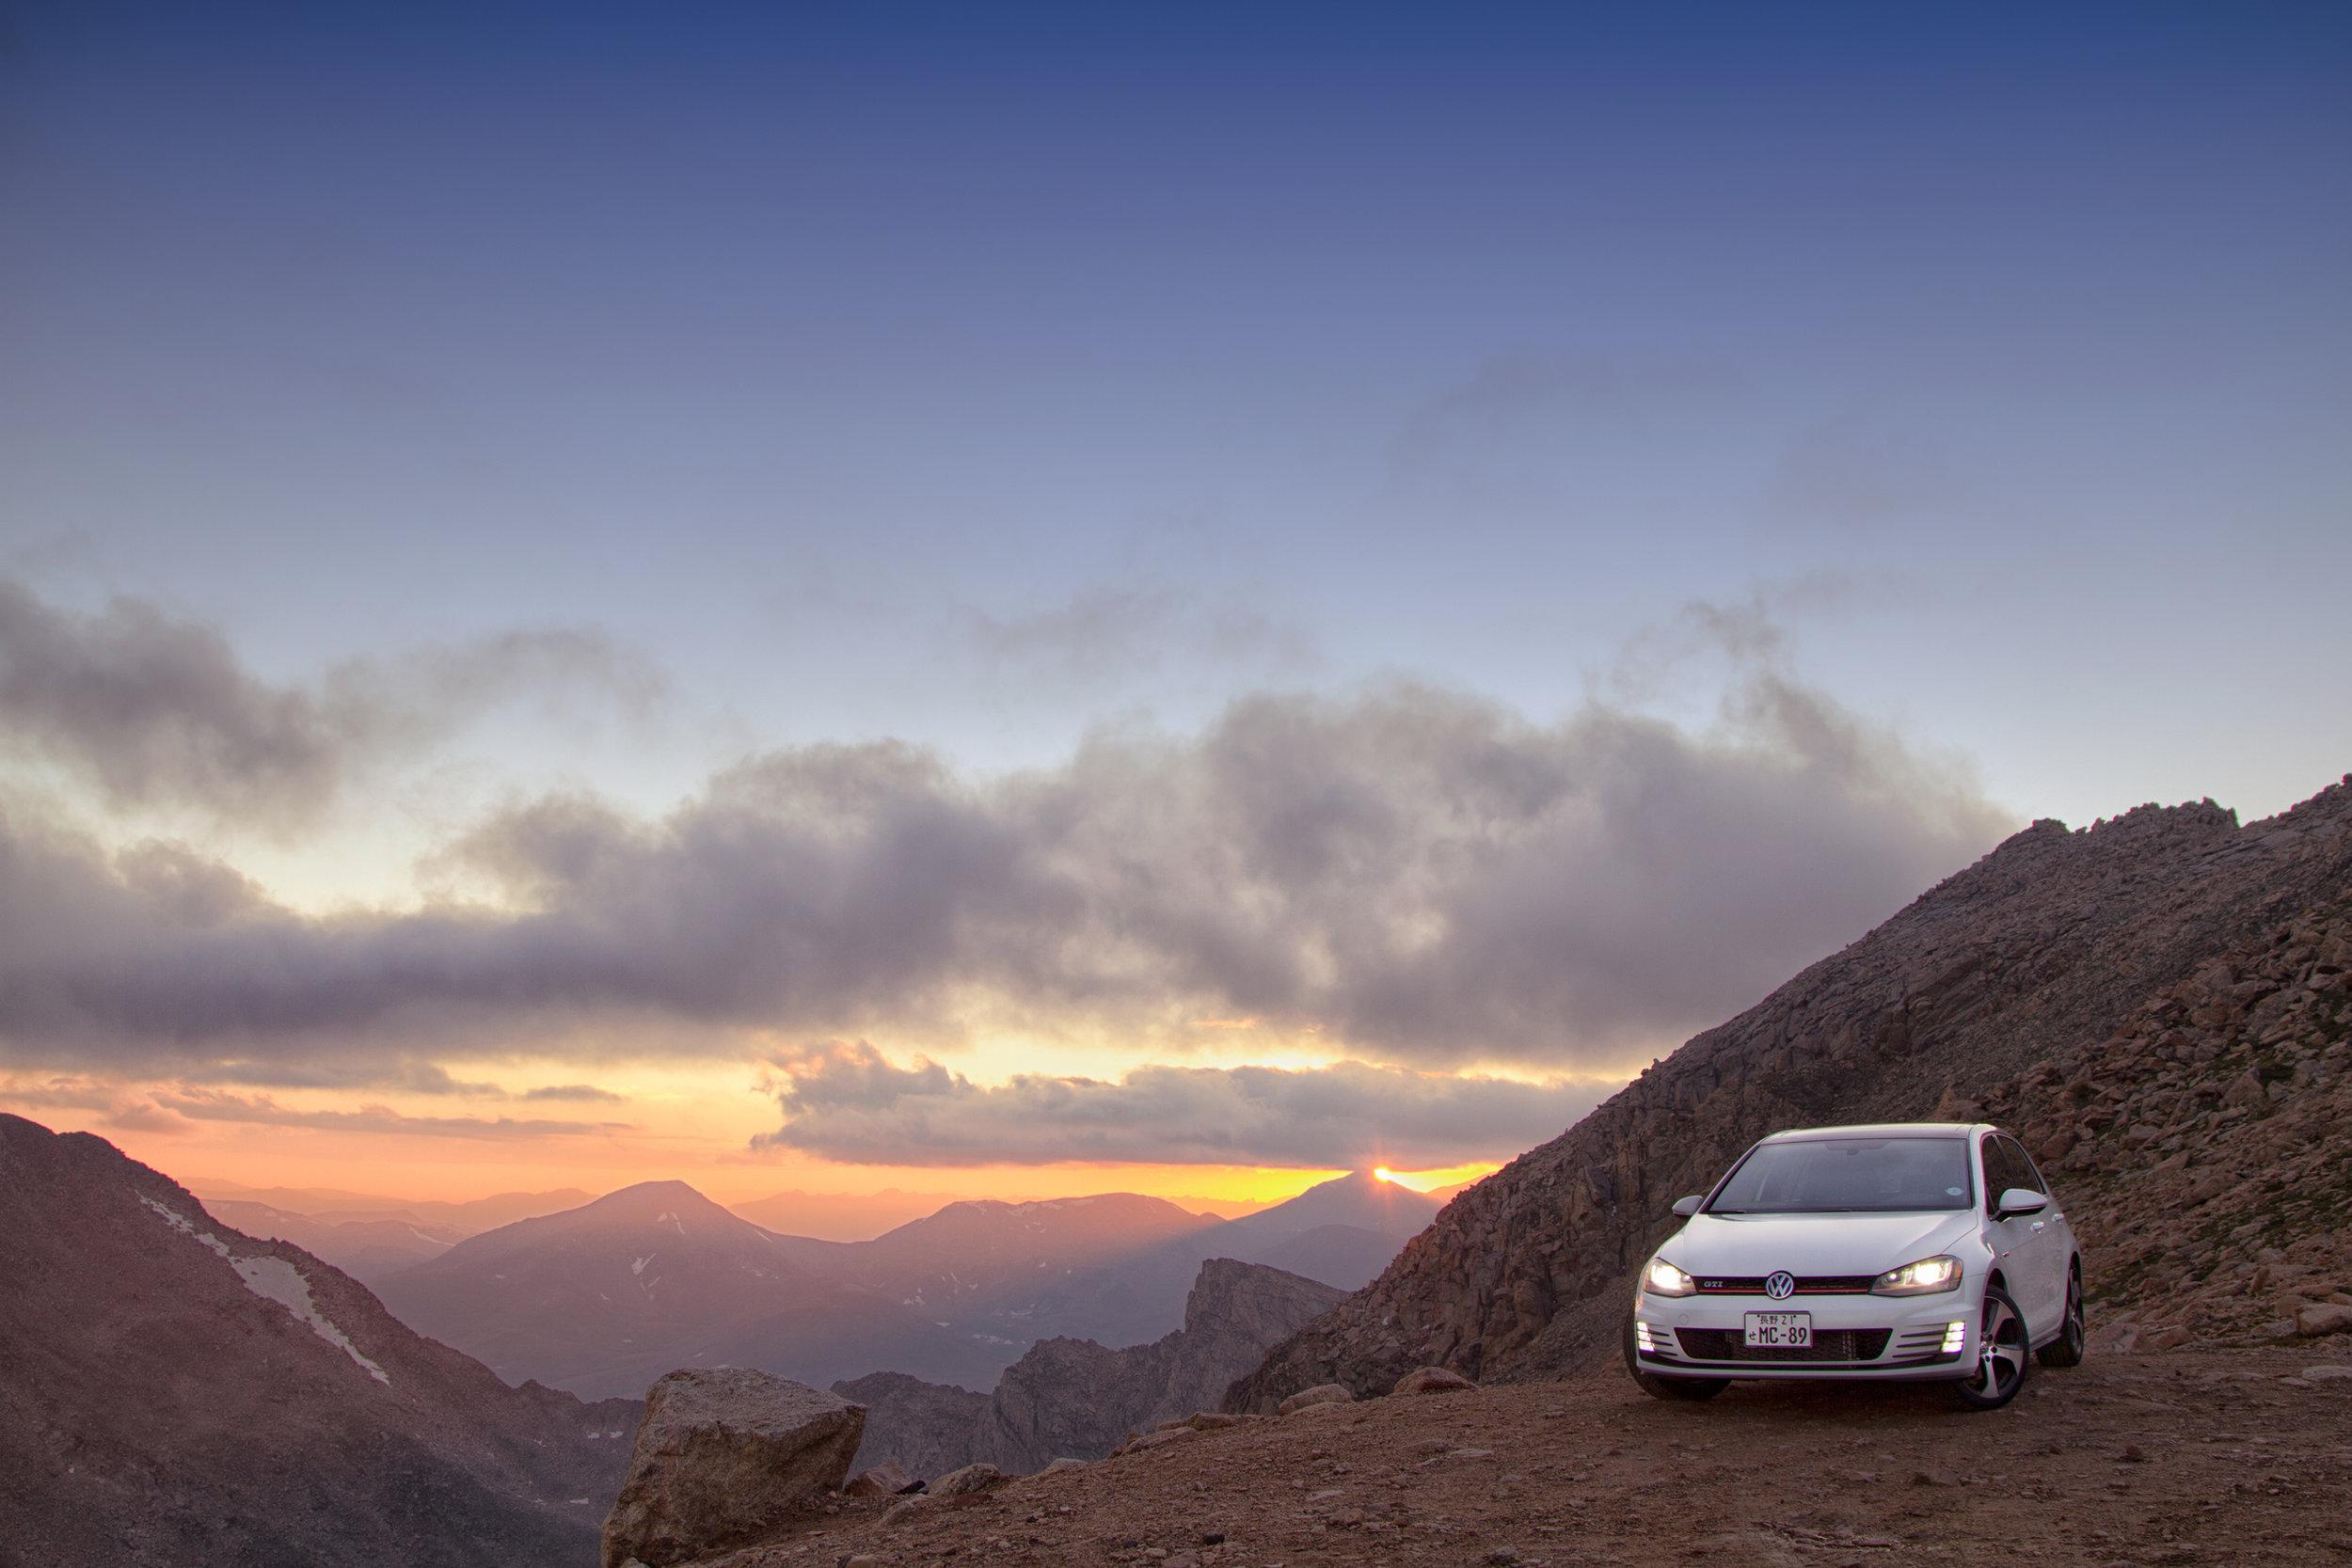 VW_GTI_Sunset_Colorado.jpg